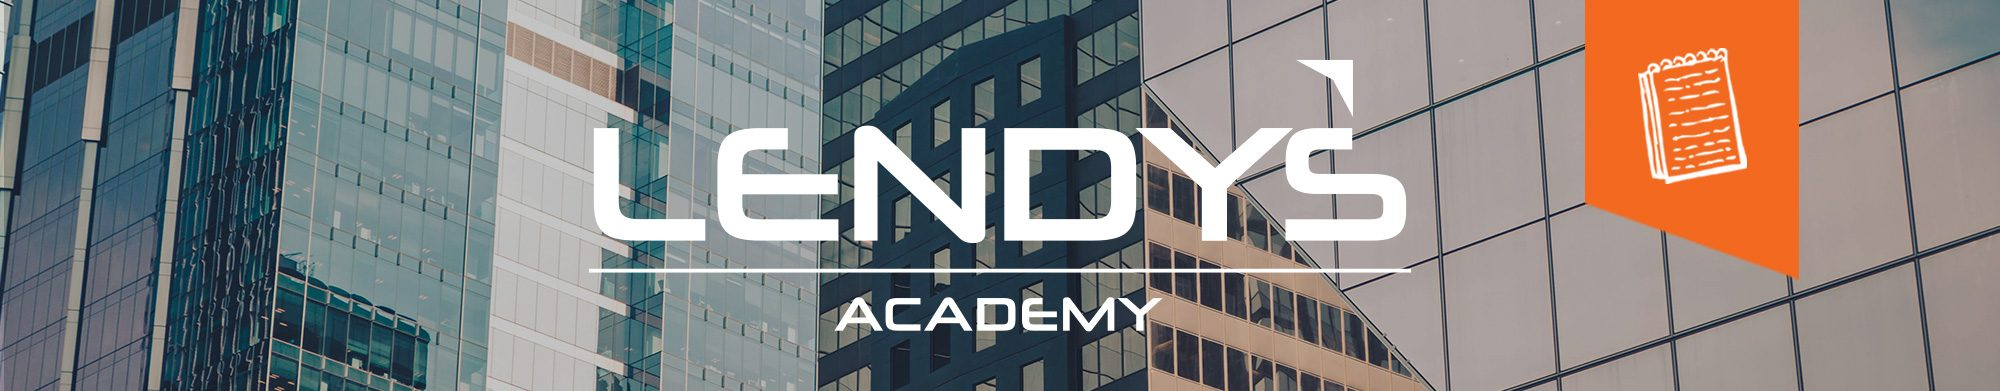 Lendys-academy-vidéo